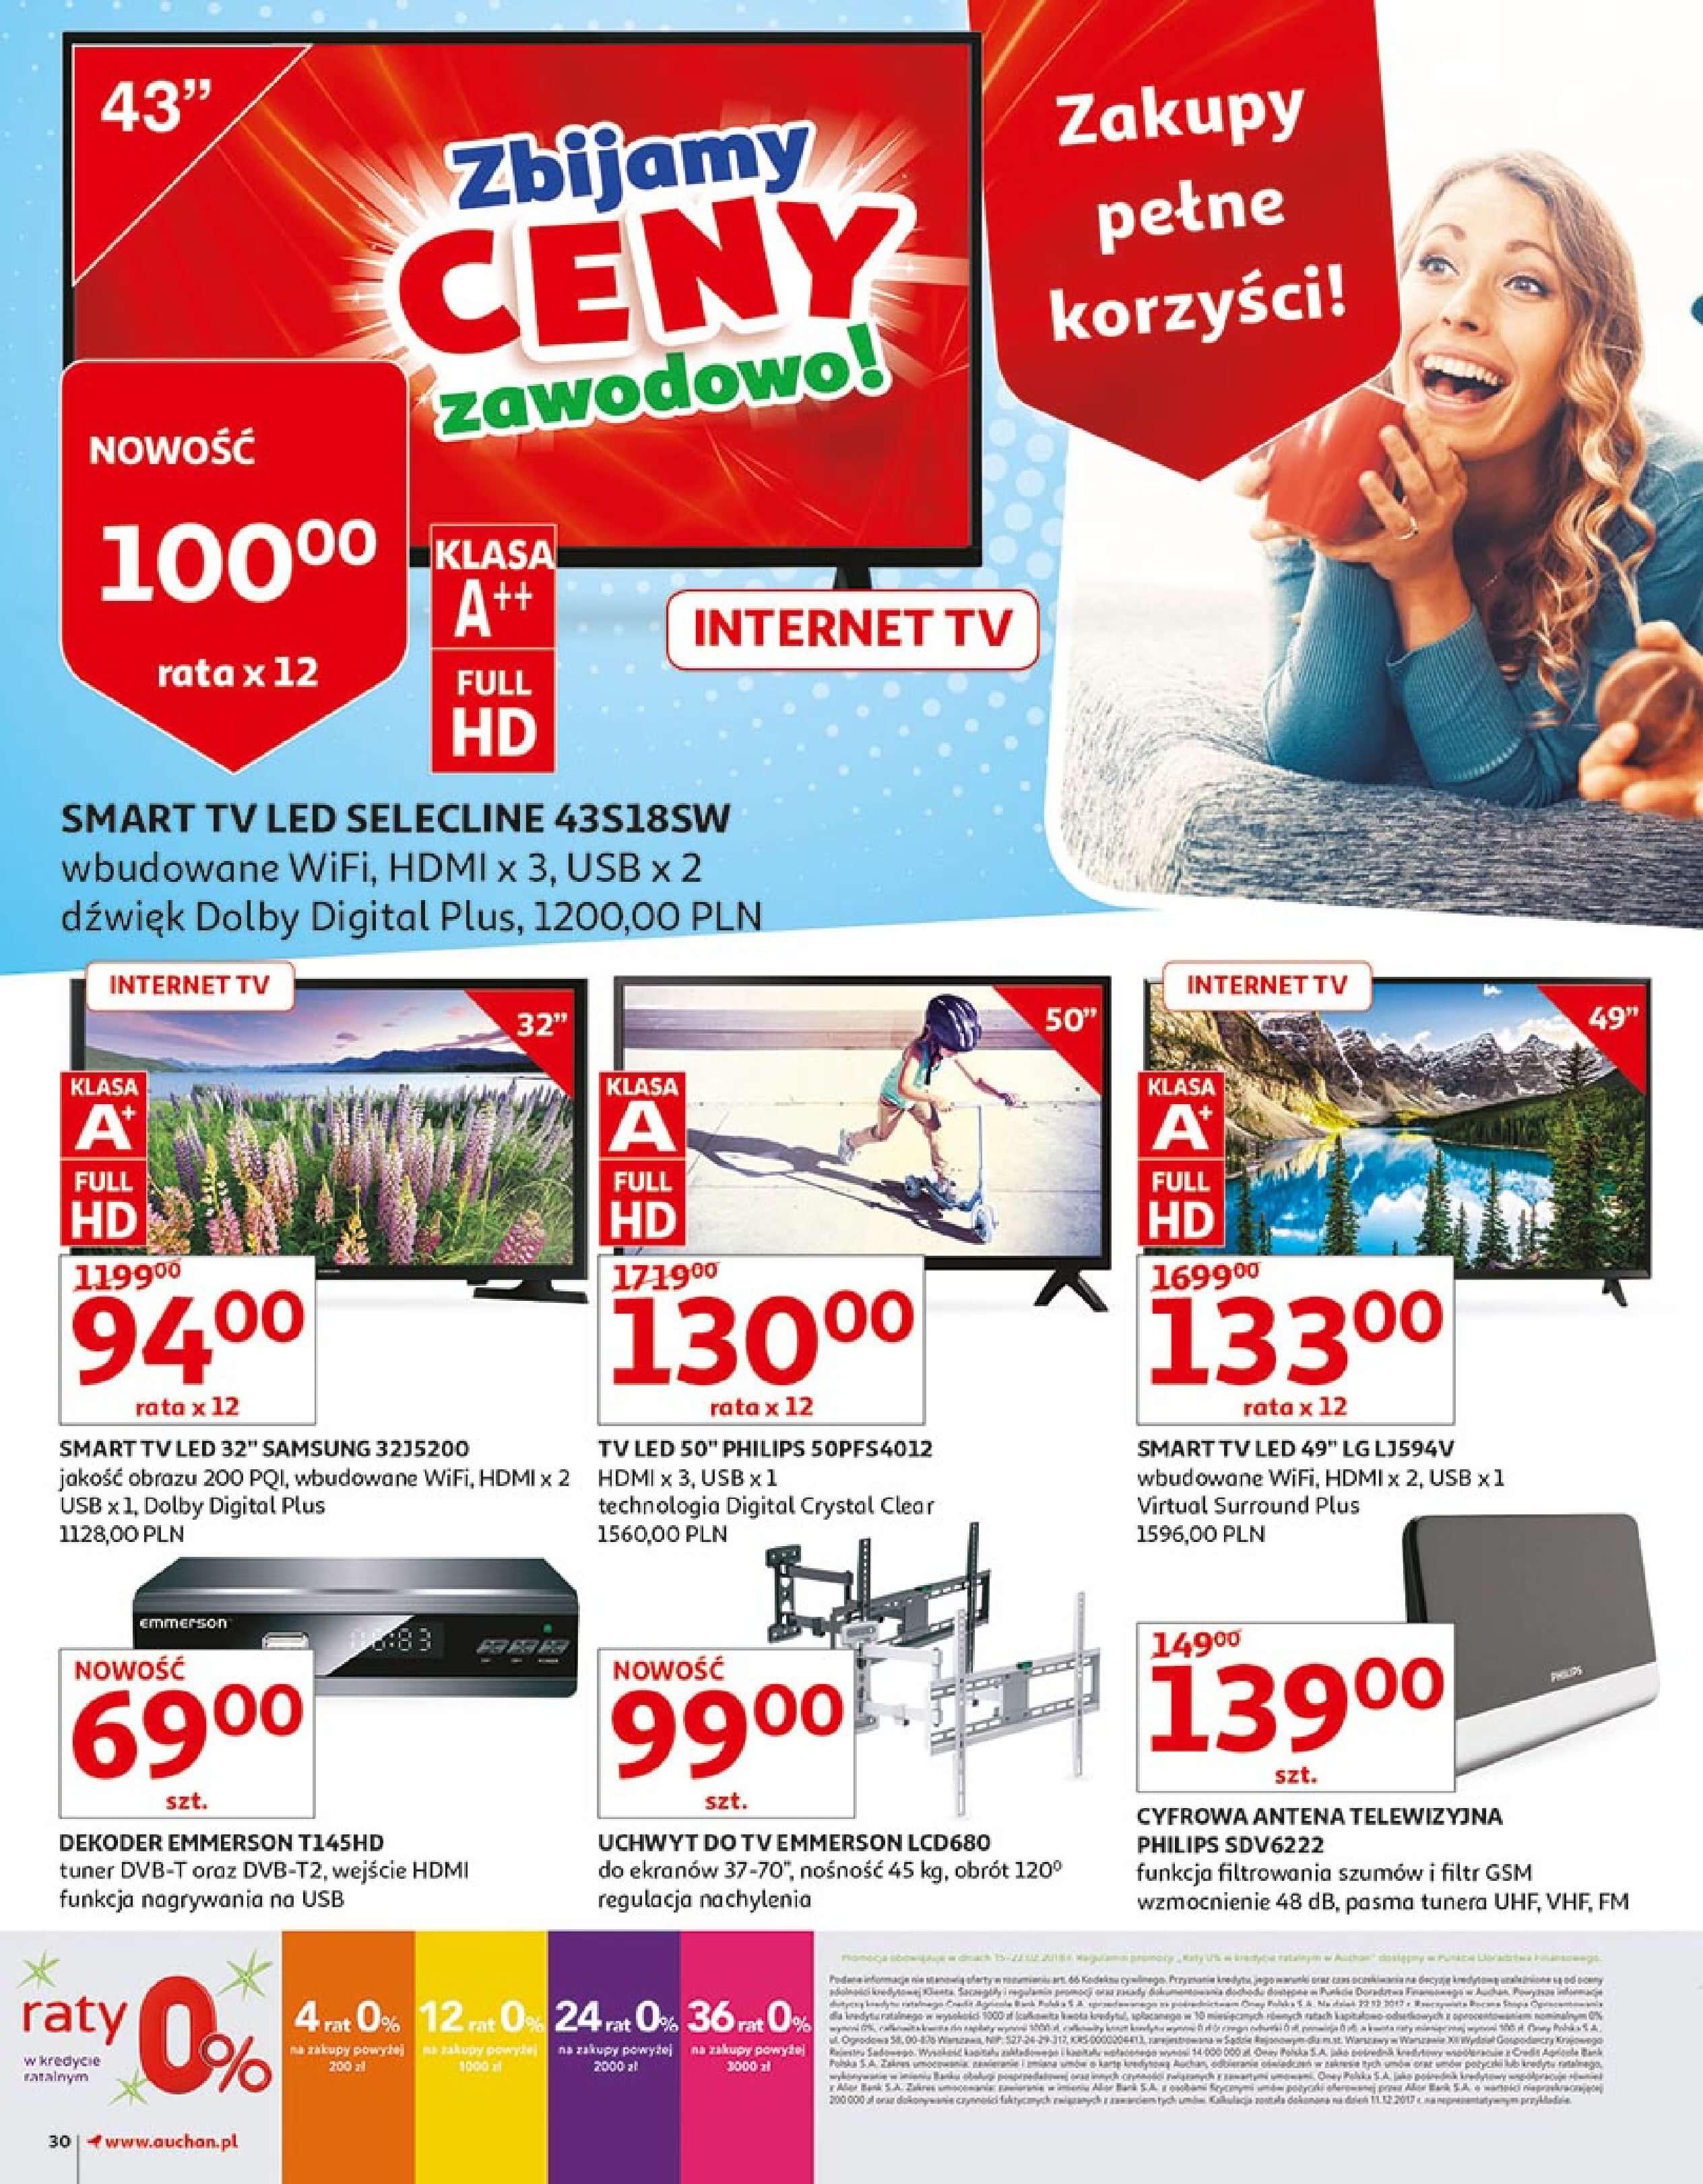 Gazetka Auchan - Zbijamy ceny zawodowo!-14.02.2018-22.02.2018-page-30